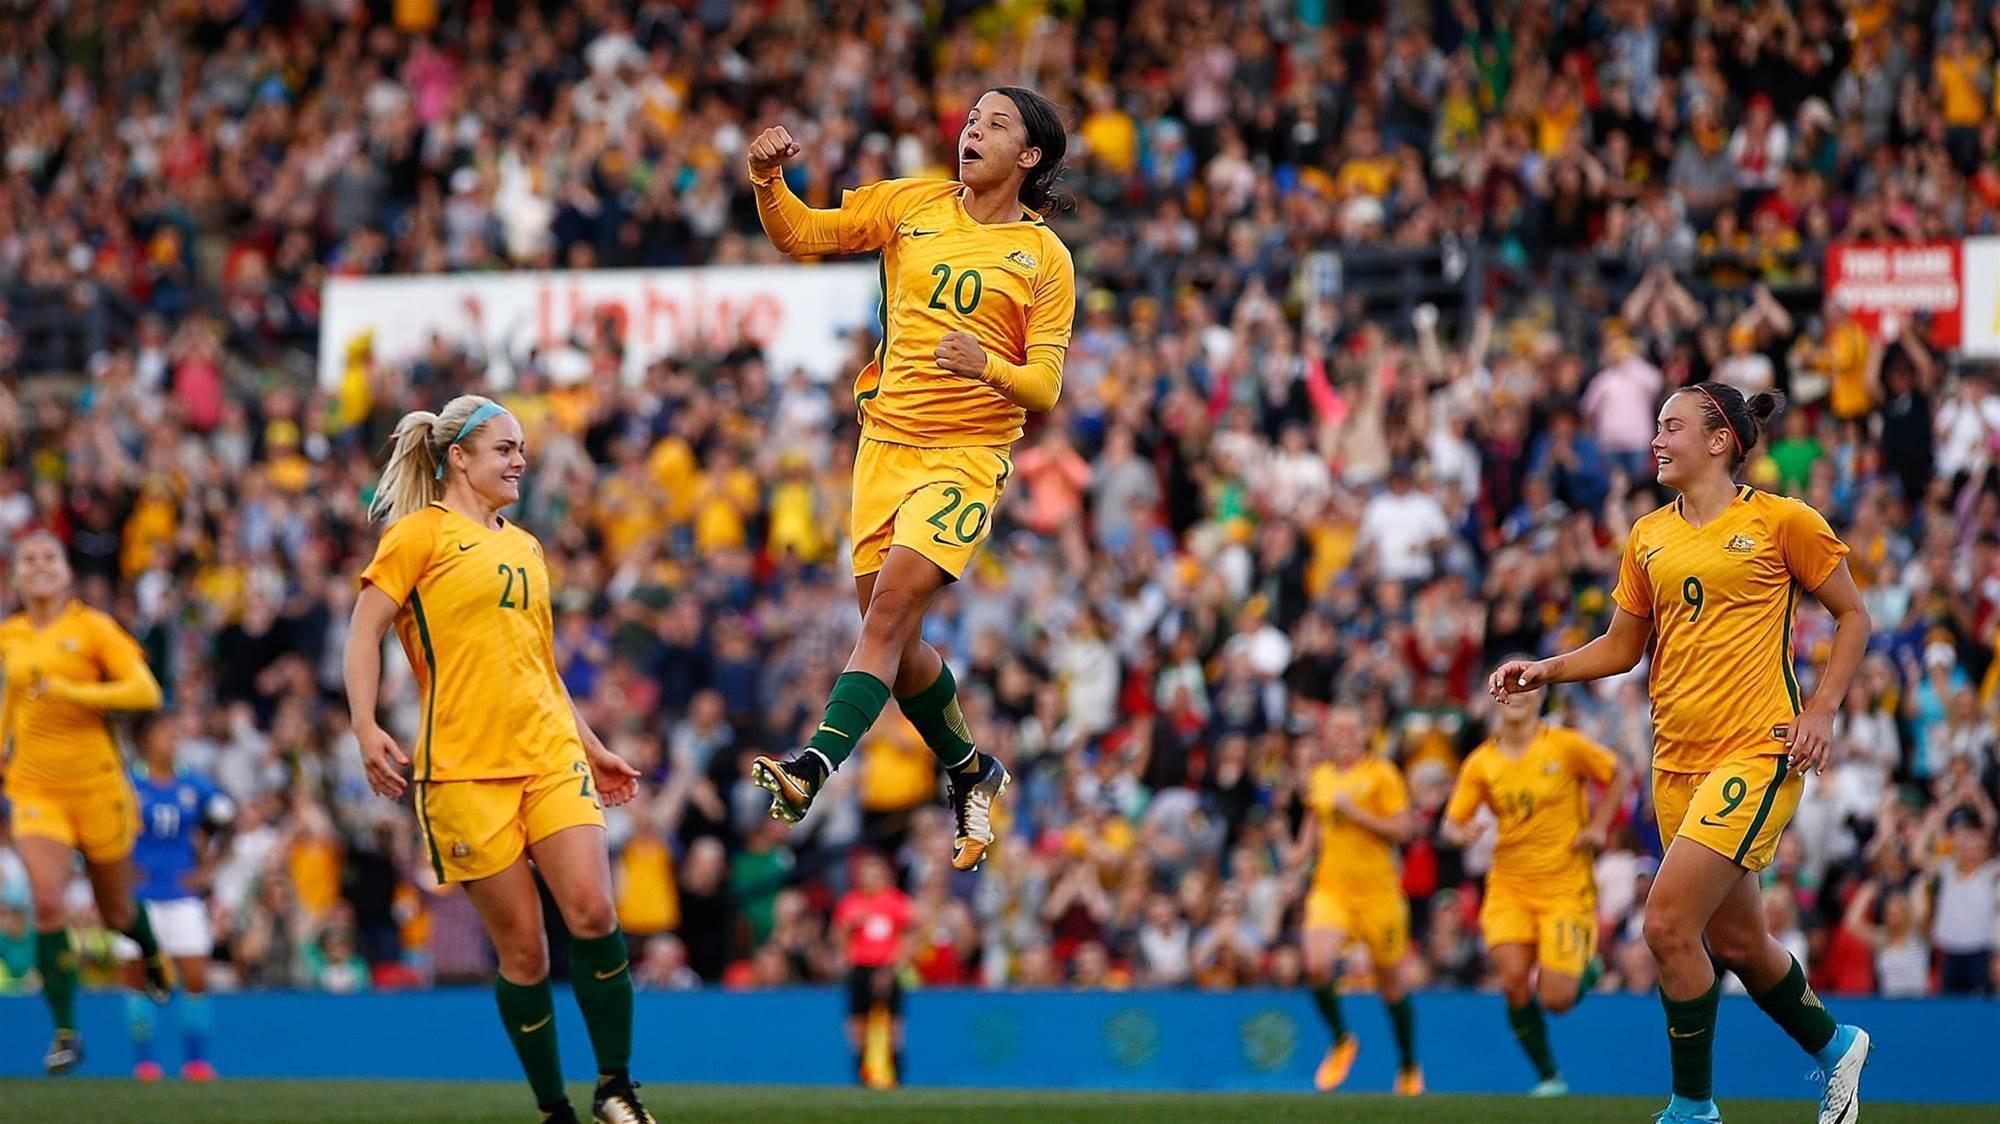 Matildas star Sam Kerr reaches the heights